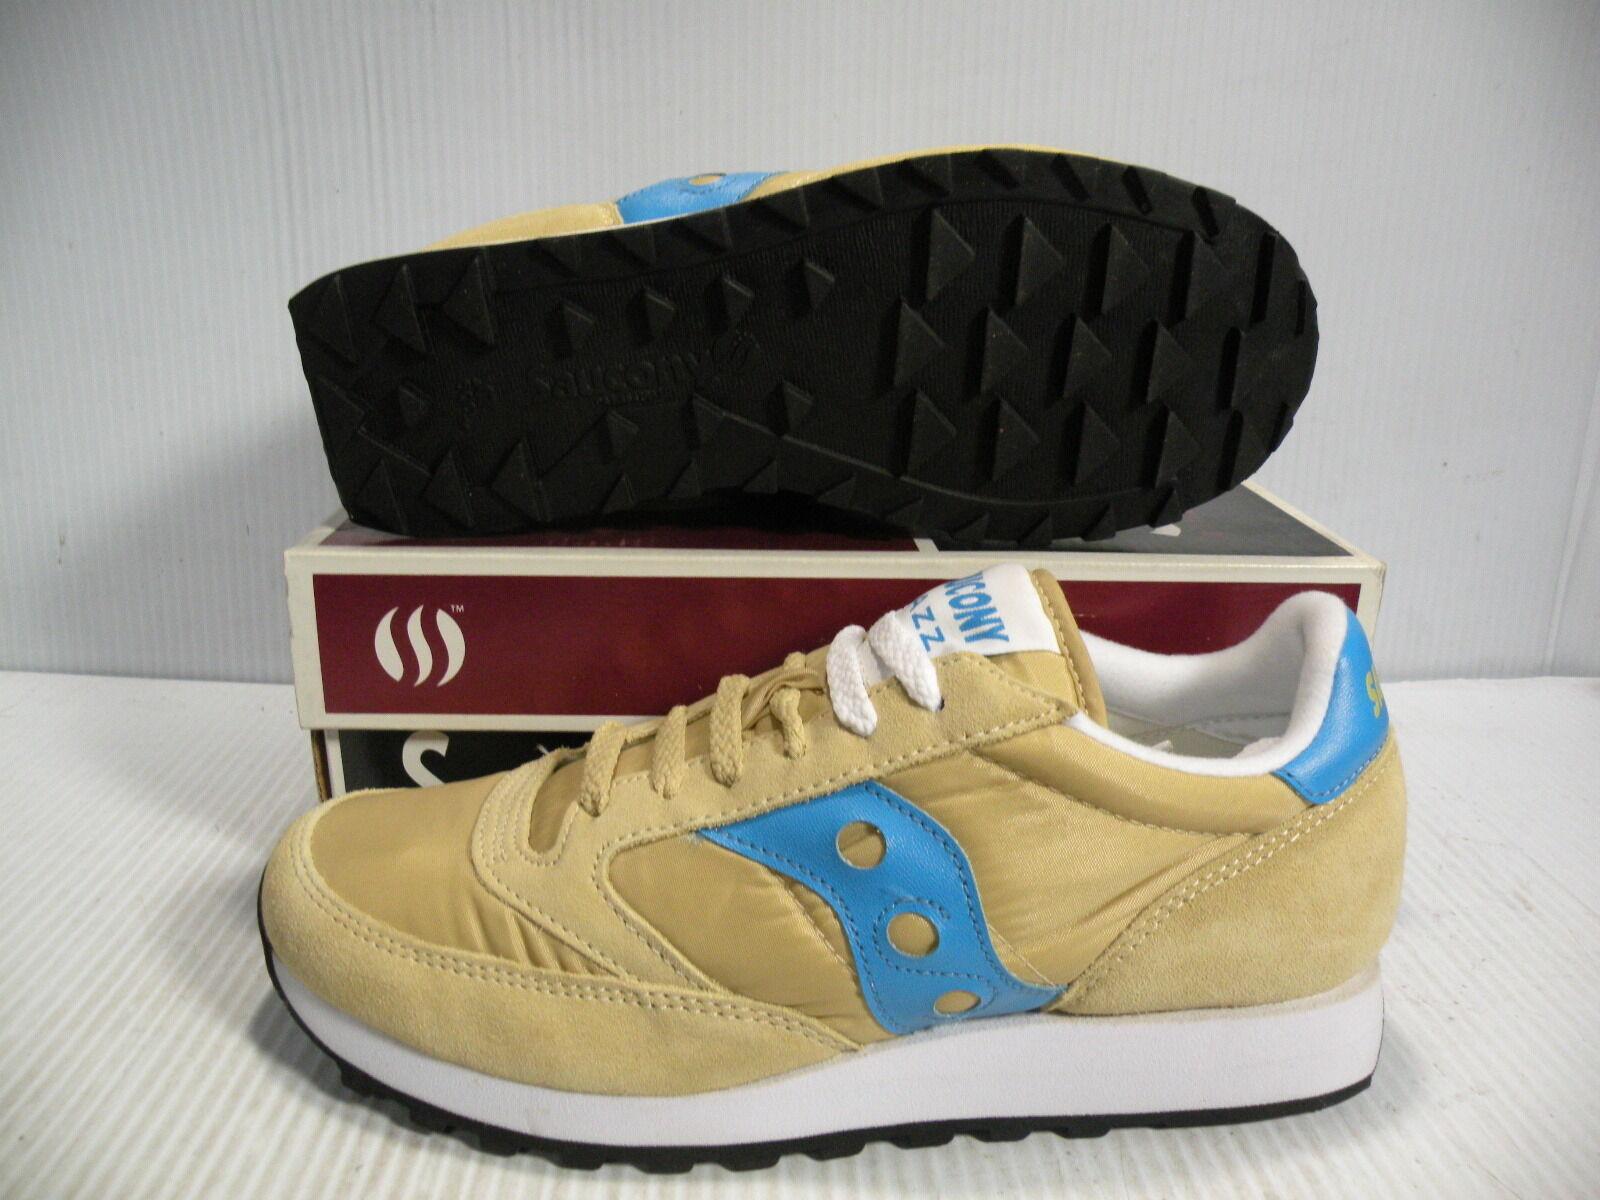 Saucony Jazz Original Baja Baja Baja Zapatillas De Mujer Zapatos Beige Azul 1044-125 Talla 10 Nuevo  ordene ahora los precios más bajos